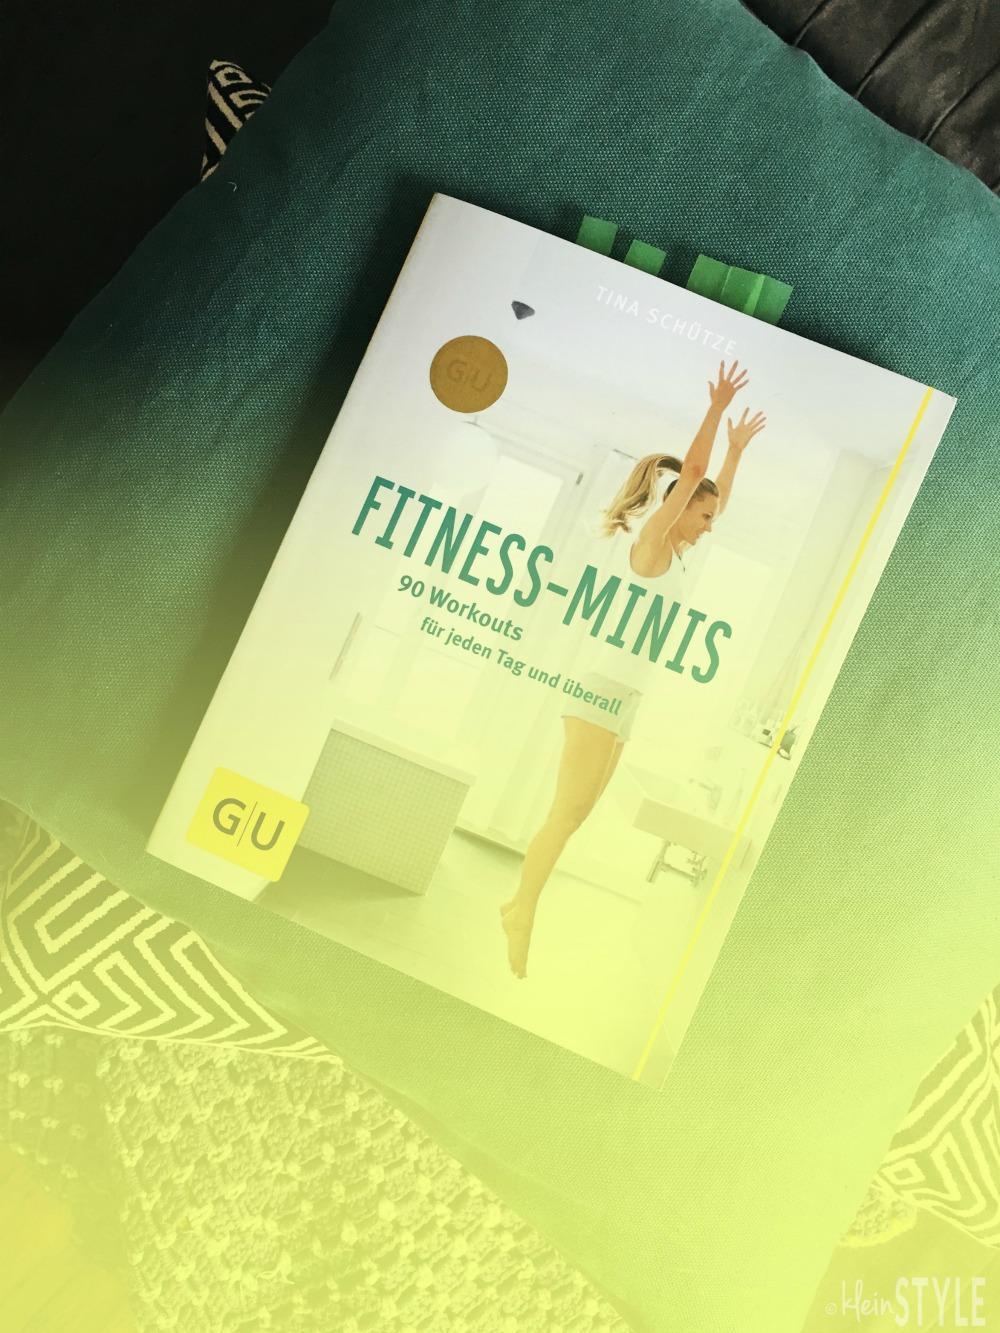 Fitness Minis von Julia Schuetze GU Verlag pic ©kleinstyle.com